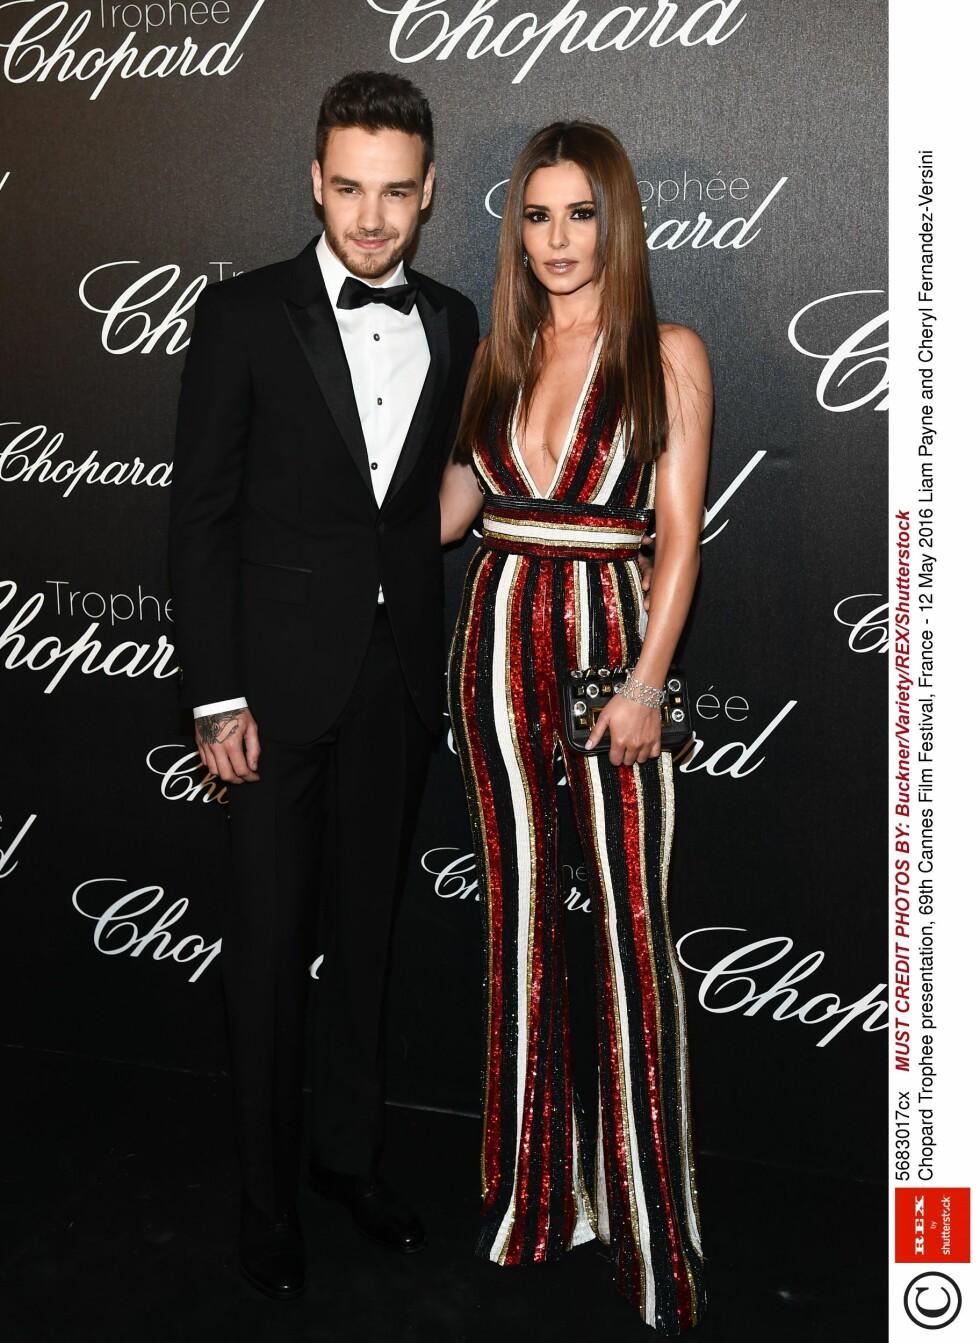 STJERNEPAR: Liam Payne, kjent fra gruppa One Direction, og Cheryl Cole avslørte at de var et par i februar.  Foto: Rex Features